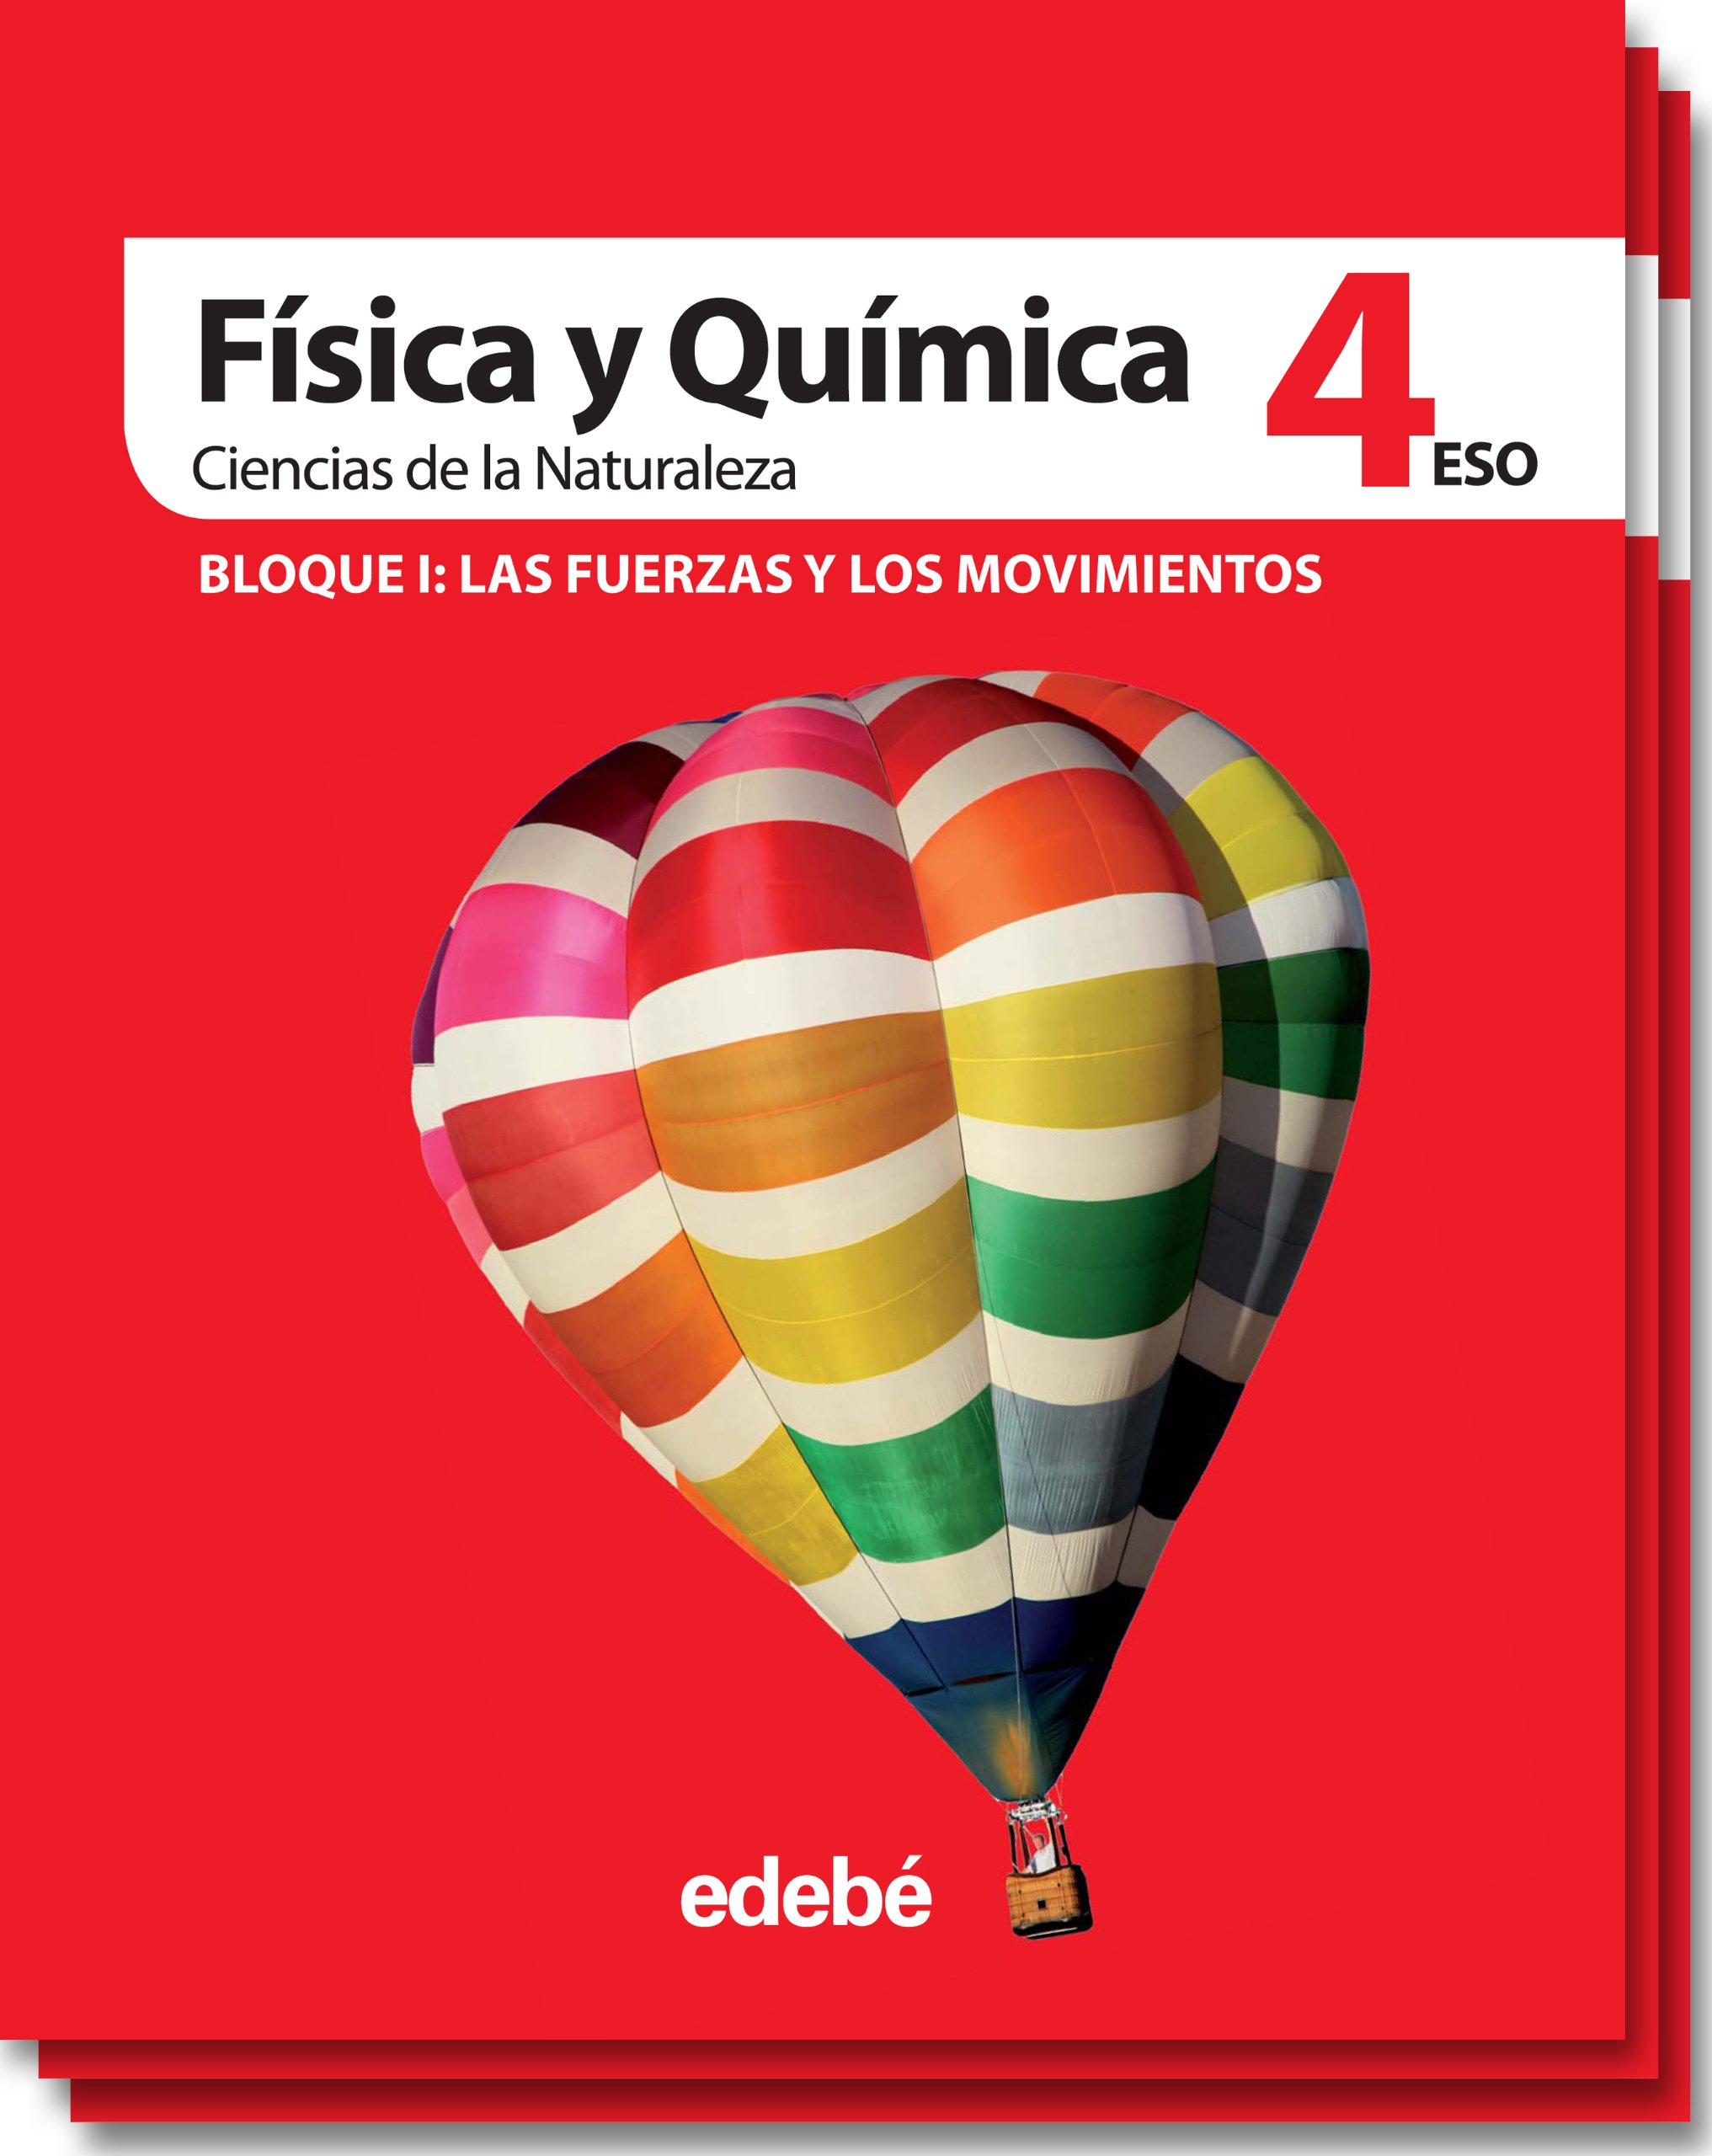 FÍSICA Y QUÍMICA 4 ESO - 9788468305509: Amazon.es: Obra Colectiva ...